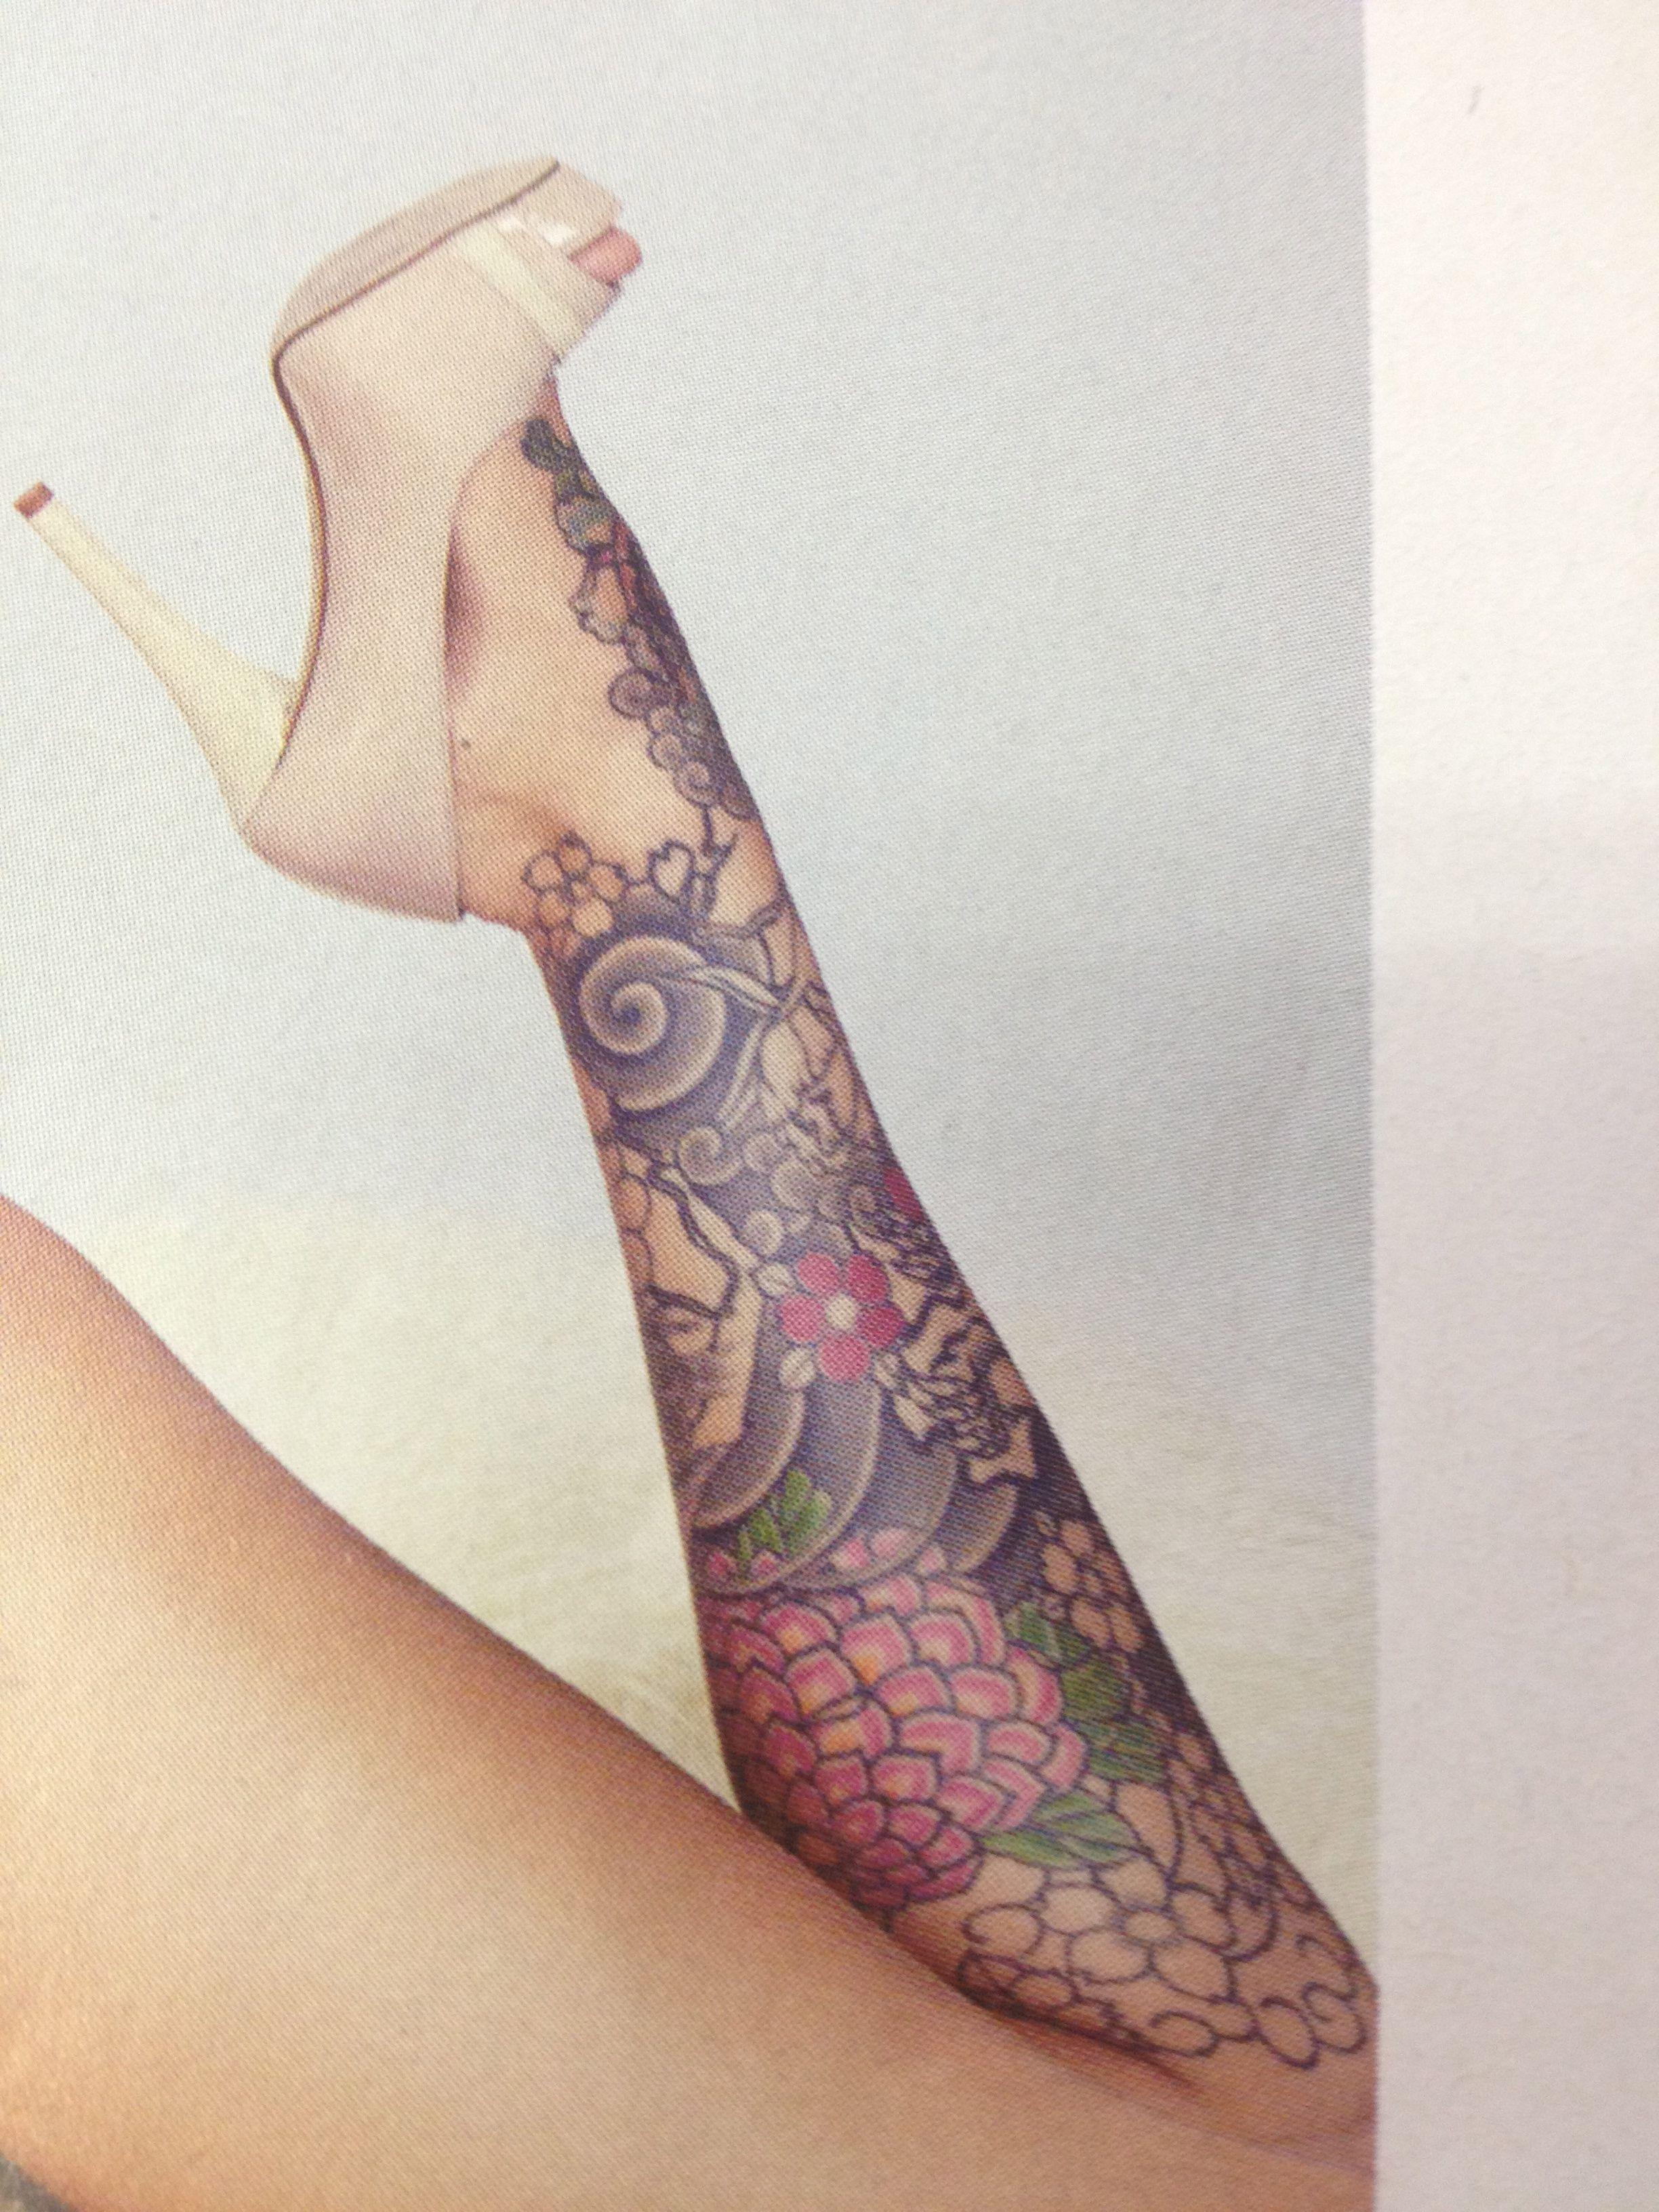 fc22daf3c tattoo inspiration | tattoo ideas